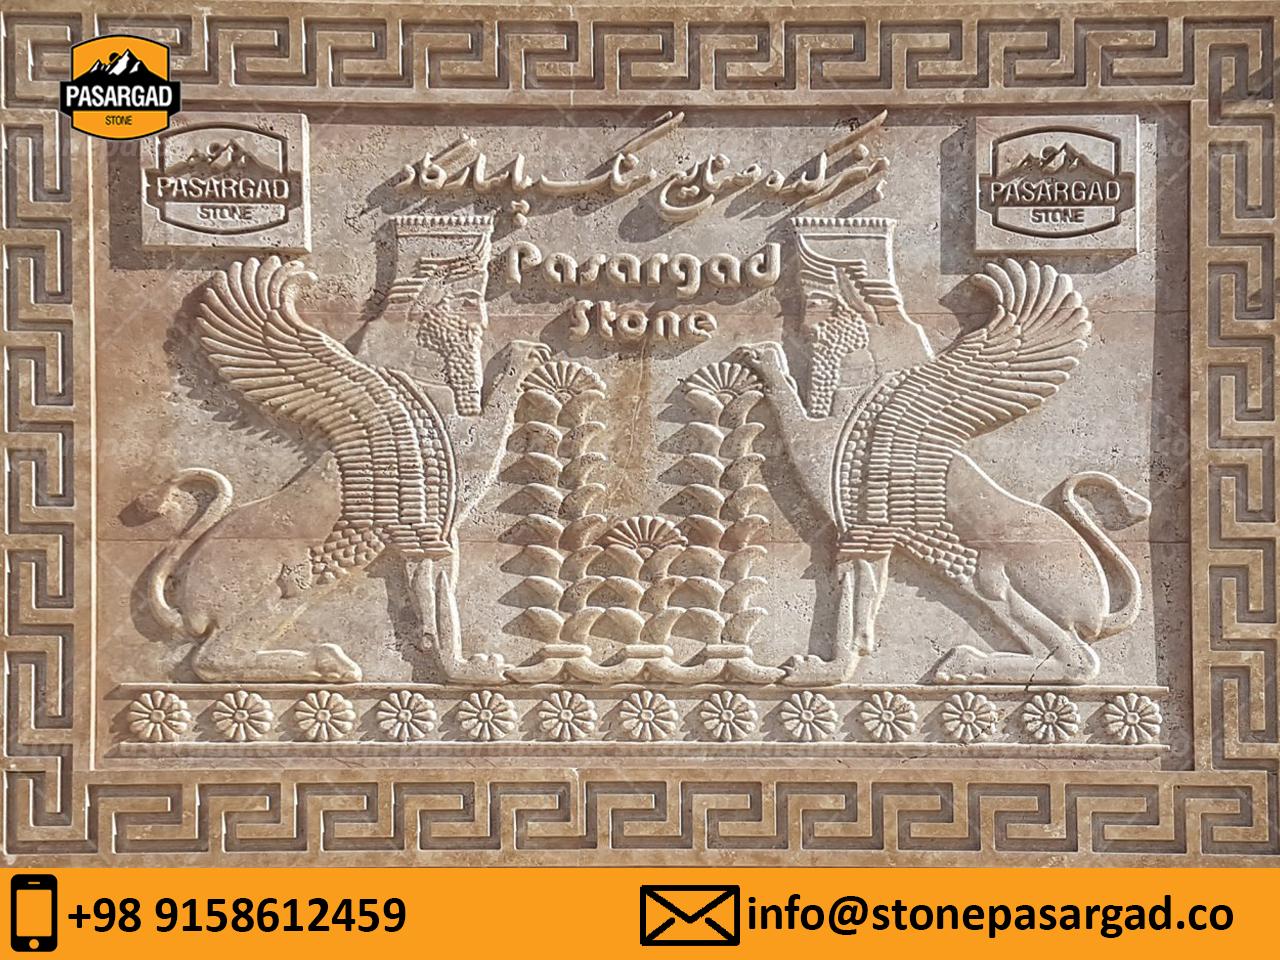 هنرکده صنایع سنگ پاسارگاد در شرق کشور